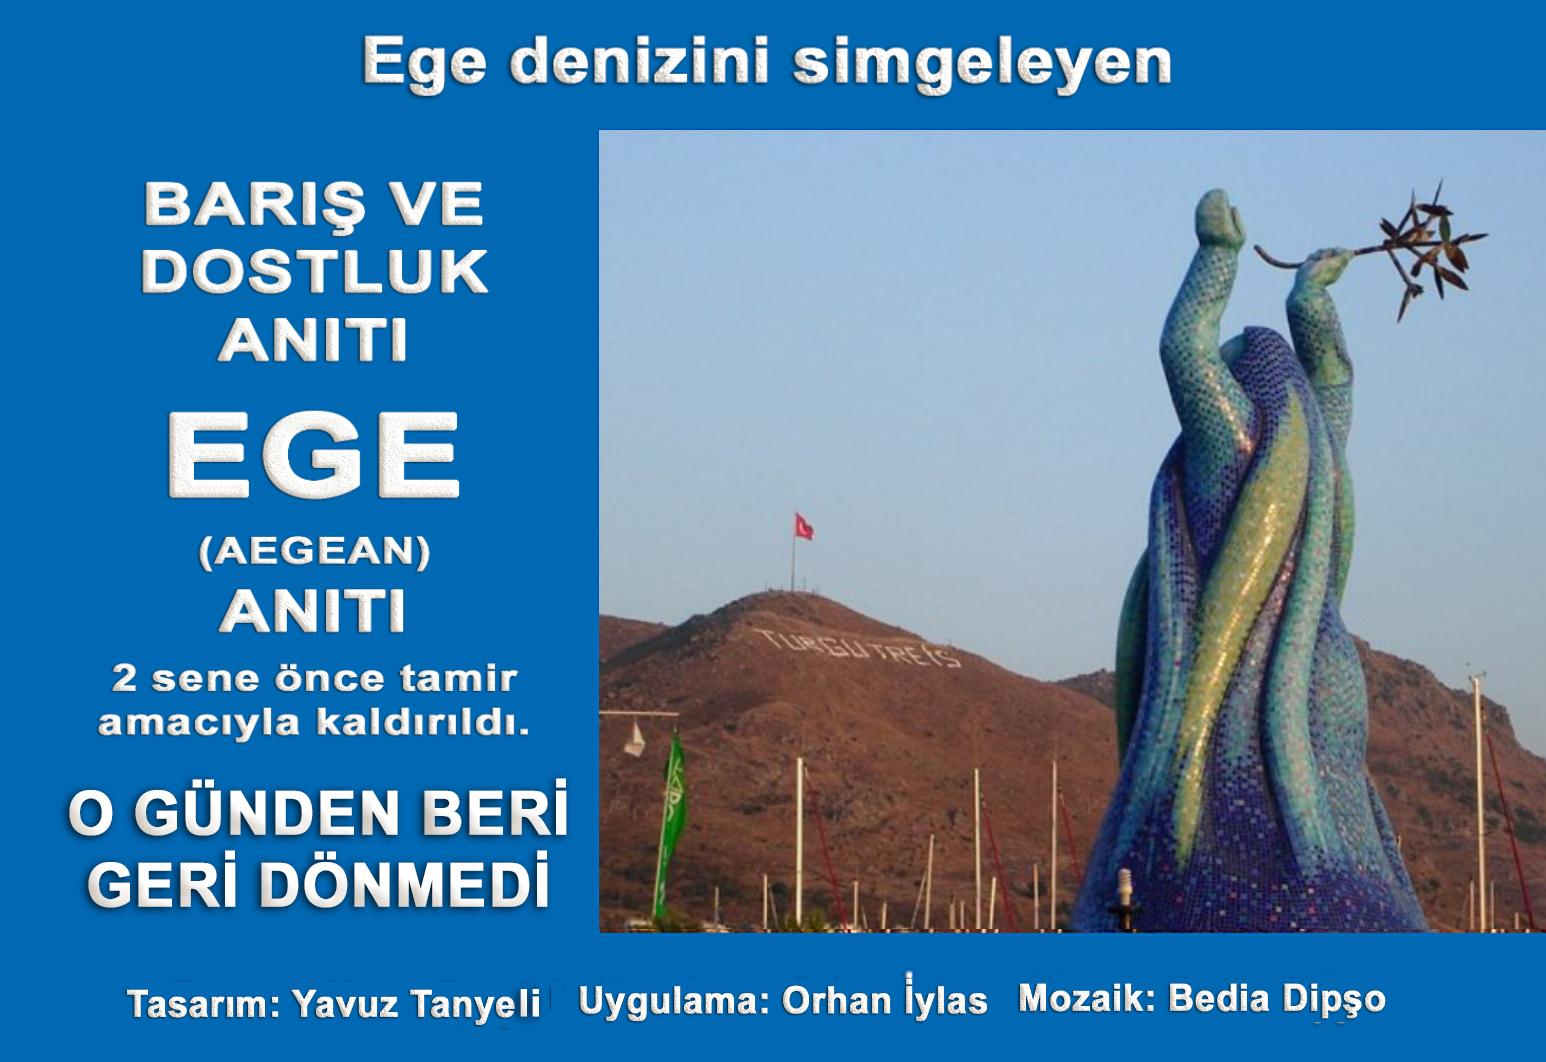 Barış ve Dostluk Anıtı EGE (AEGEAN) Geri Dönmedi